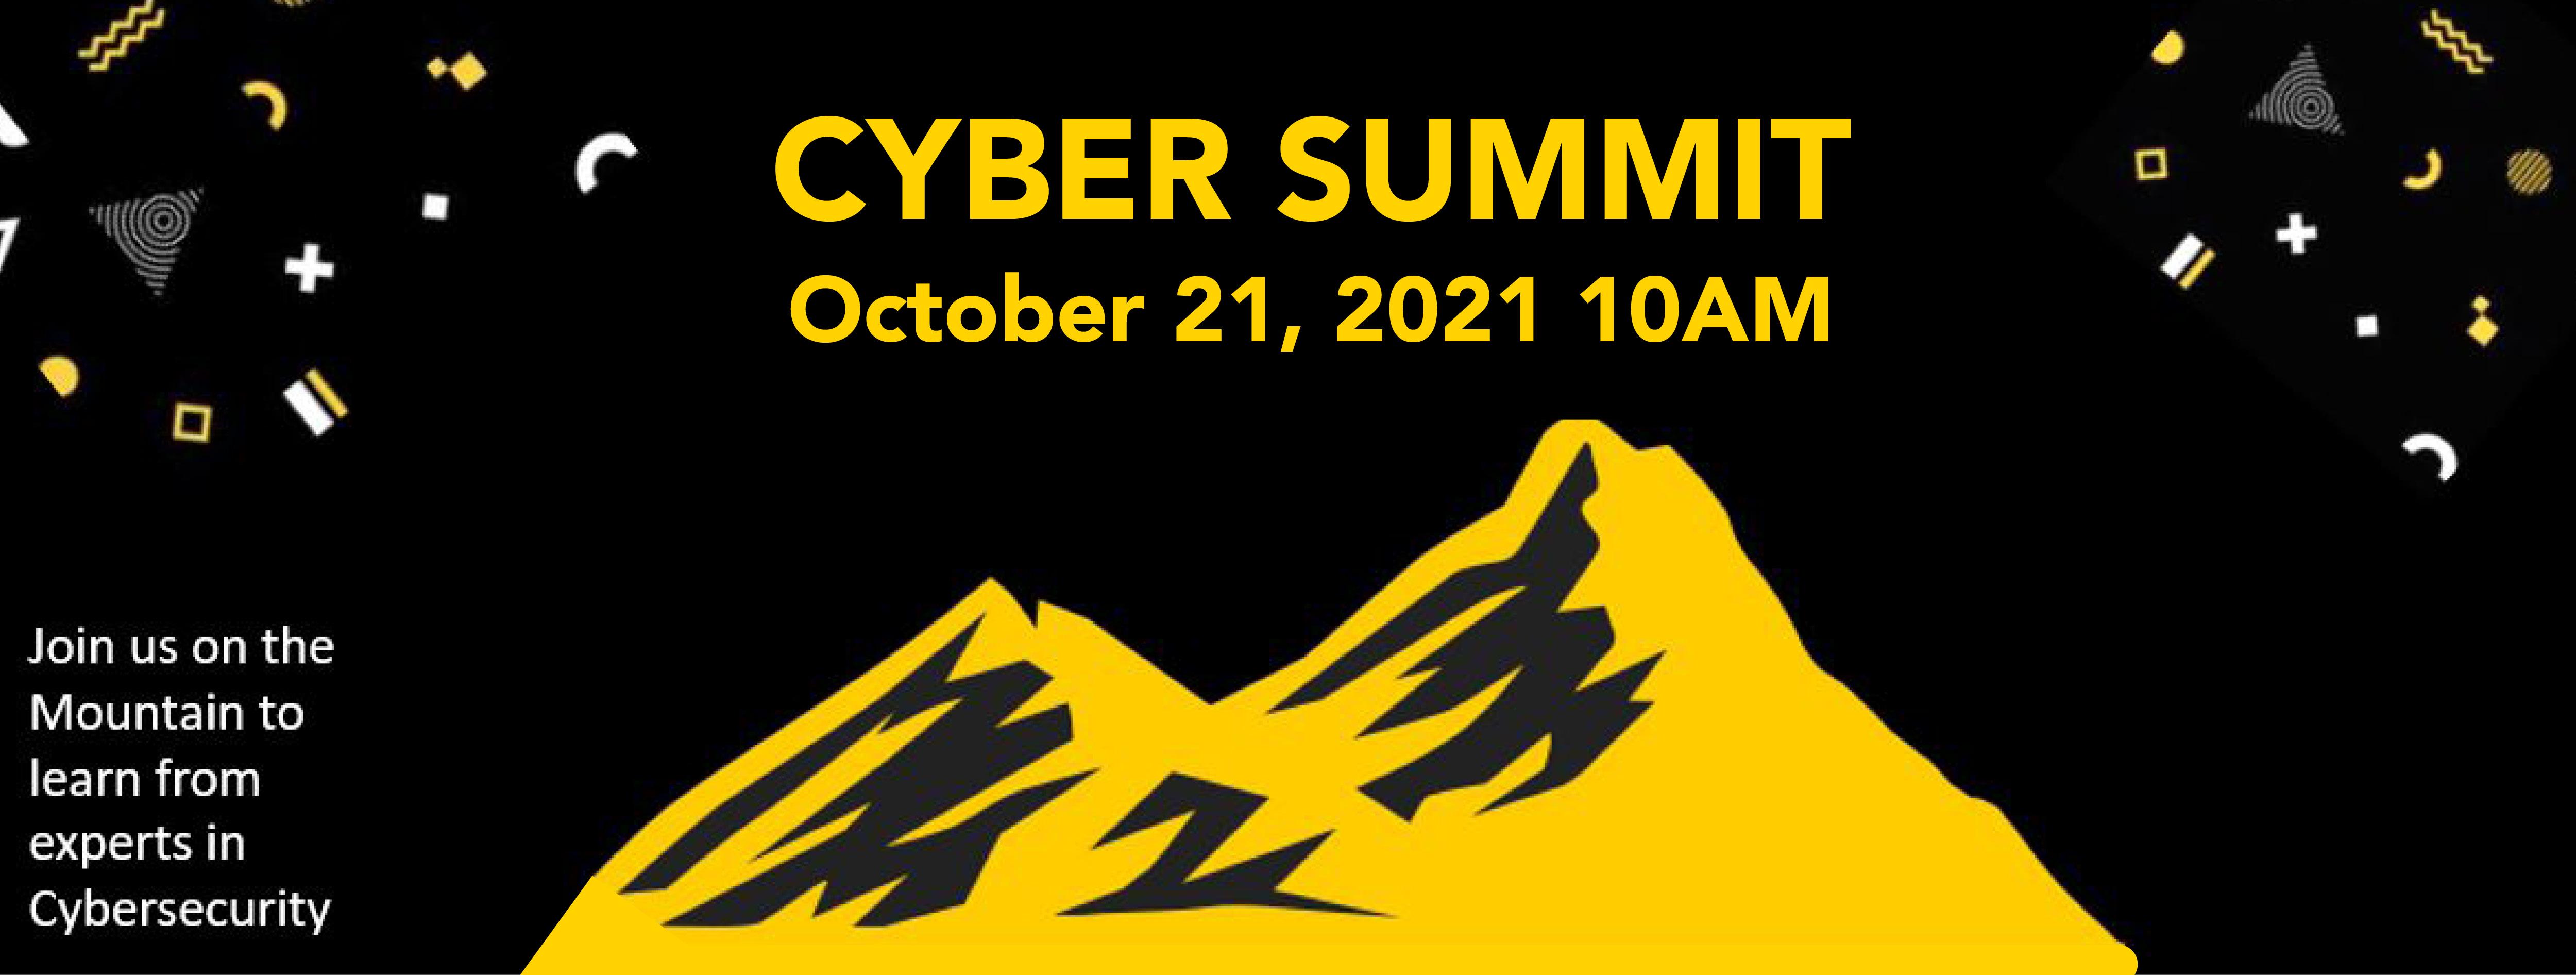 Cyber Summit